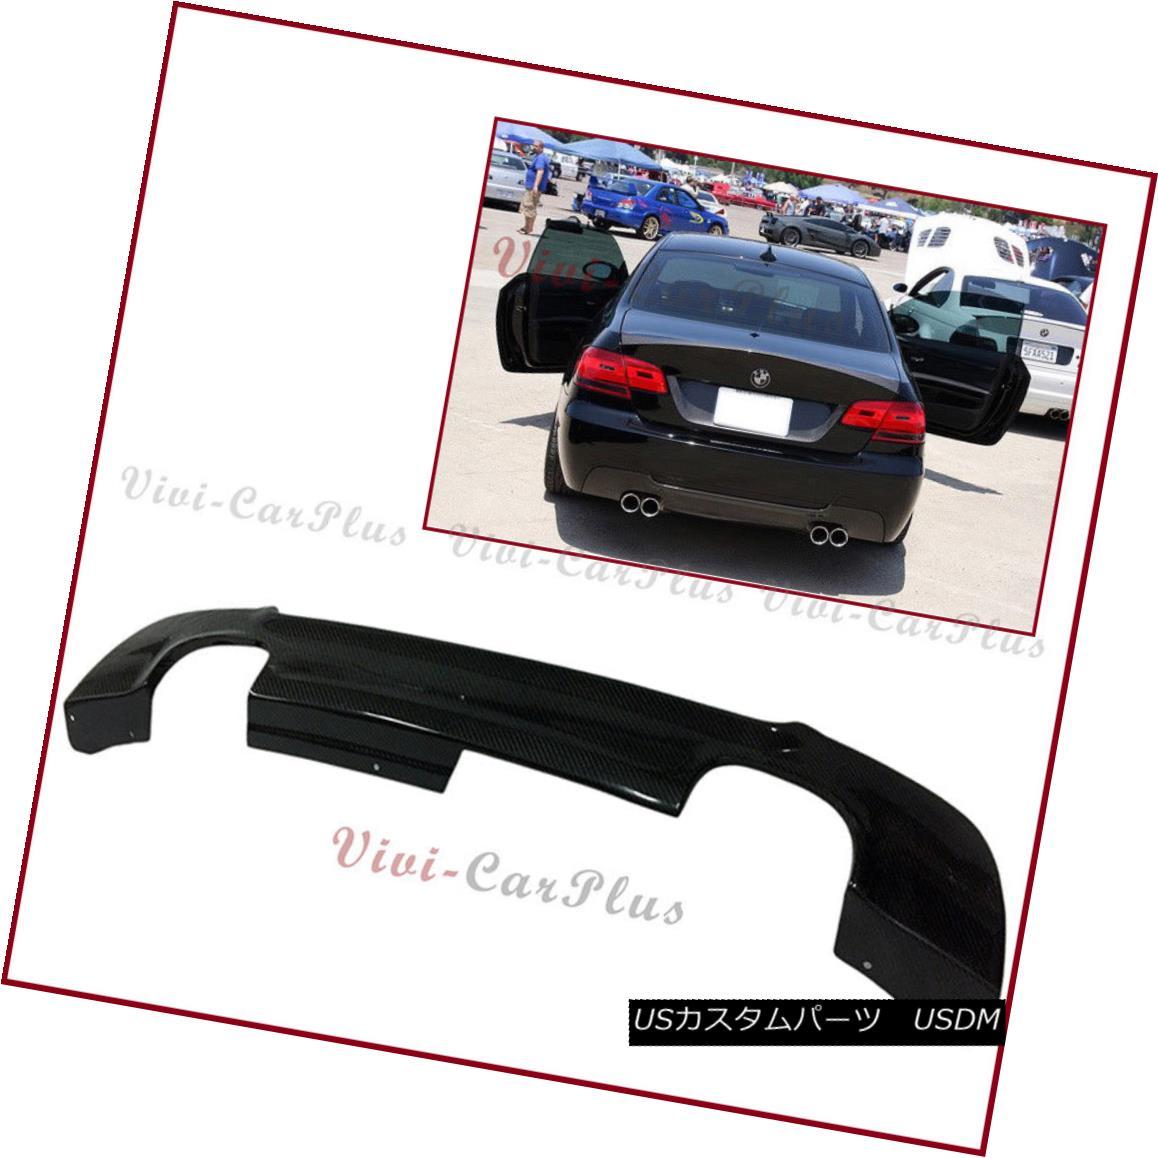 エアロパーツ For 07-13 E92 E93 3-Series 2DR M-Sport Bumper 3K Carbon Fiber Rear Diffuser Quad 07-13 E92 E93 3シリーズ2DR M-スポーツバンパー3Kカーボンファイバーリアディフューザークワッド